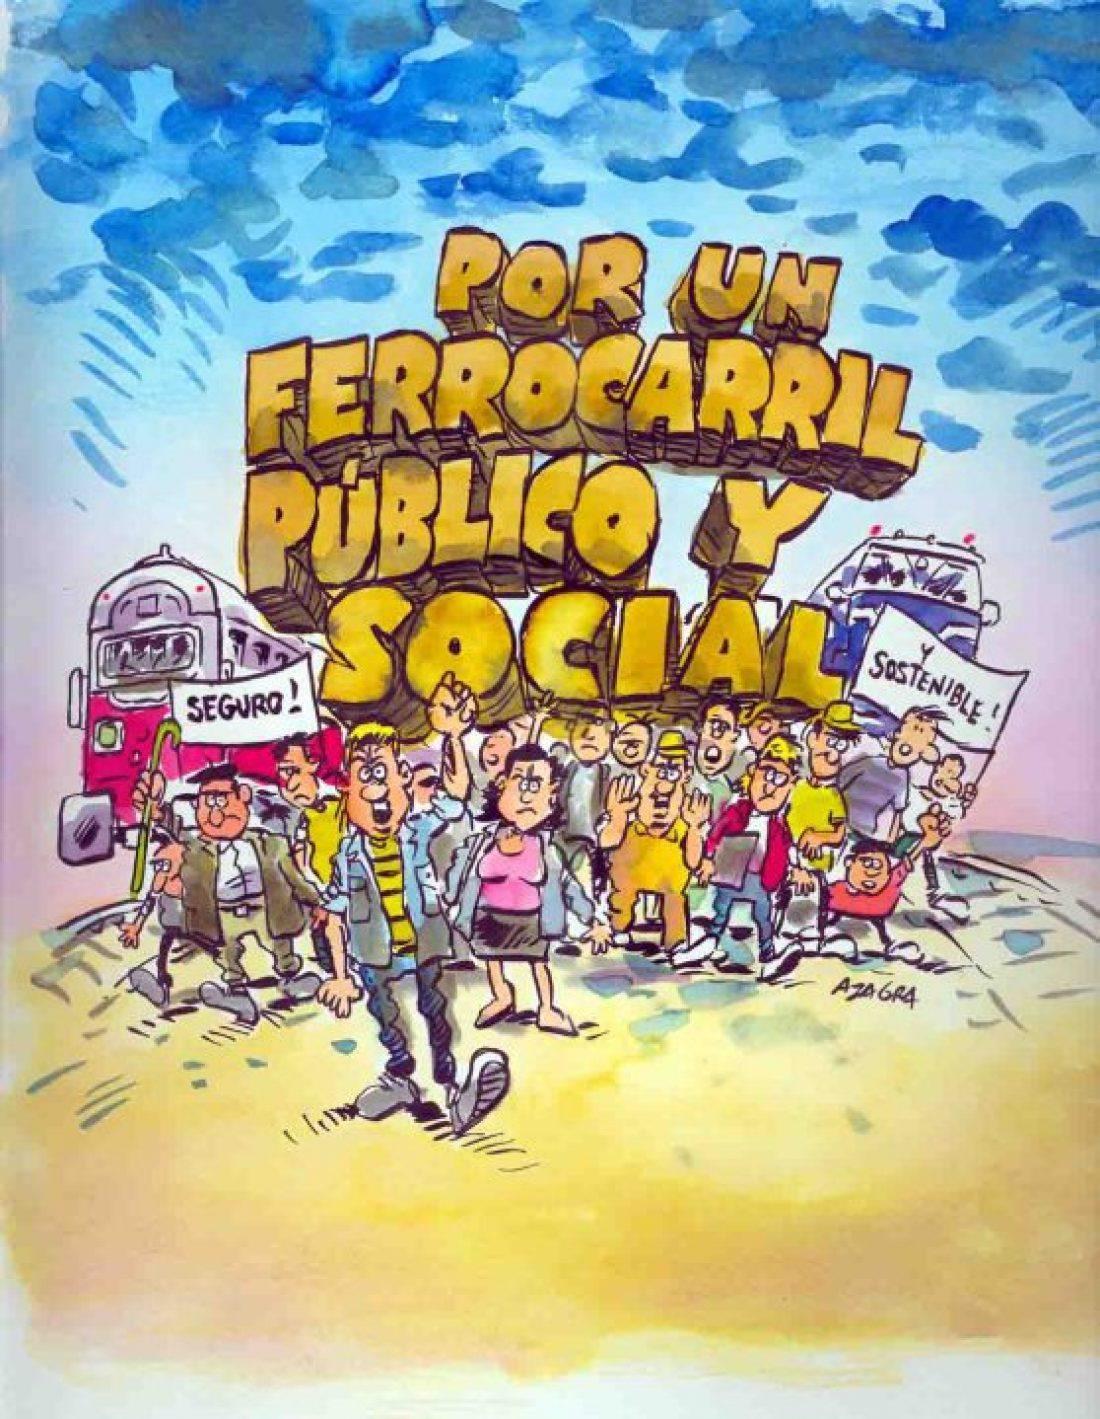 SFF Madrid CGT participa en una charla-debate sobree la prvatización del ferrocarril